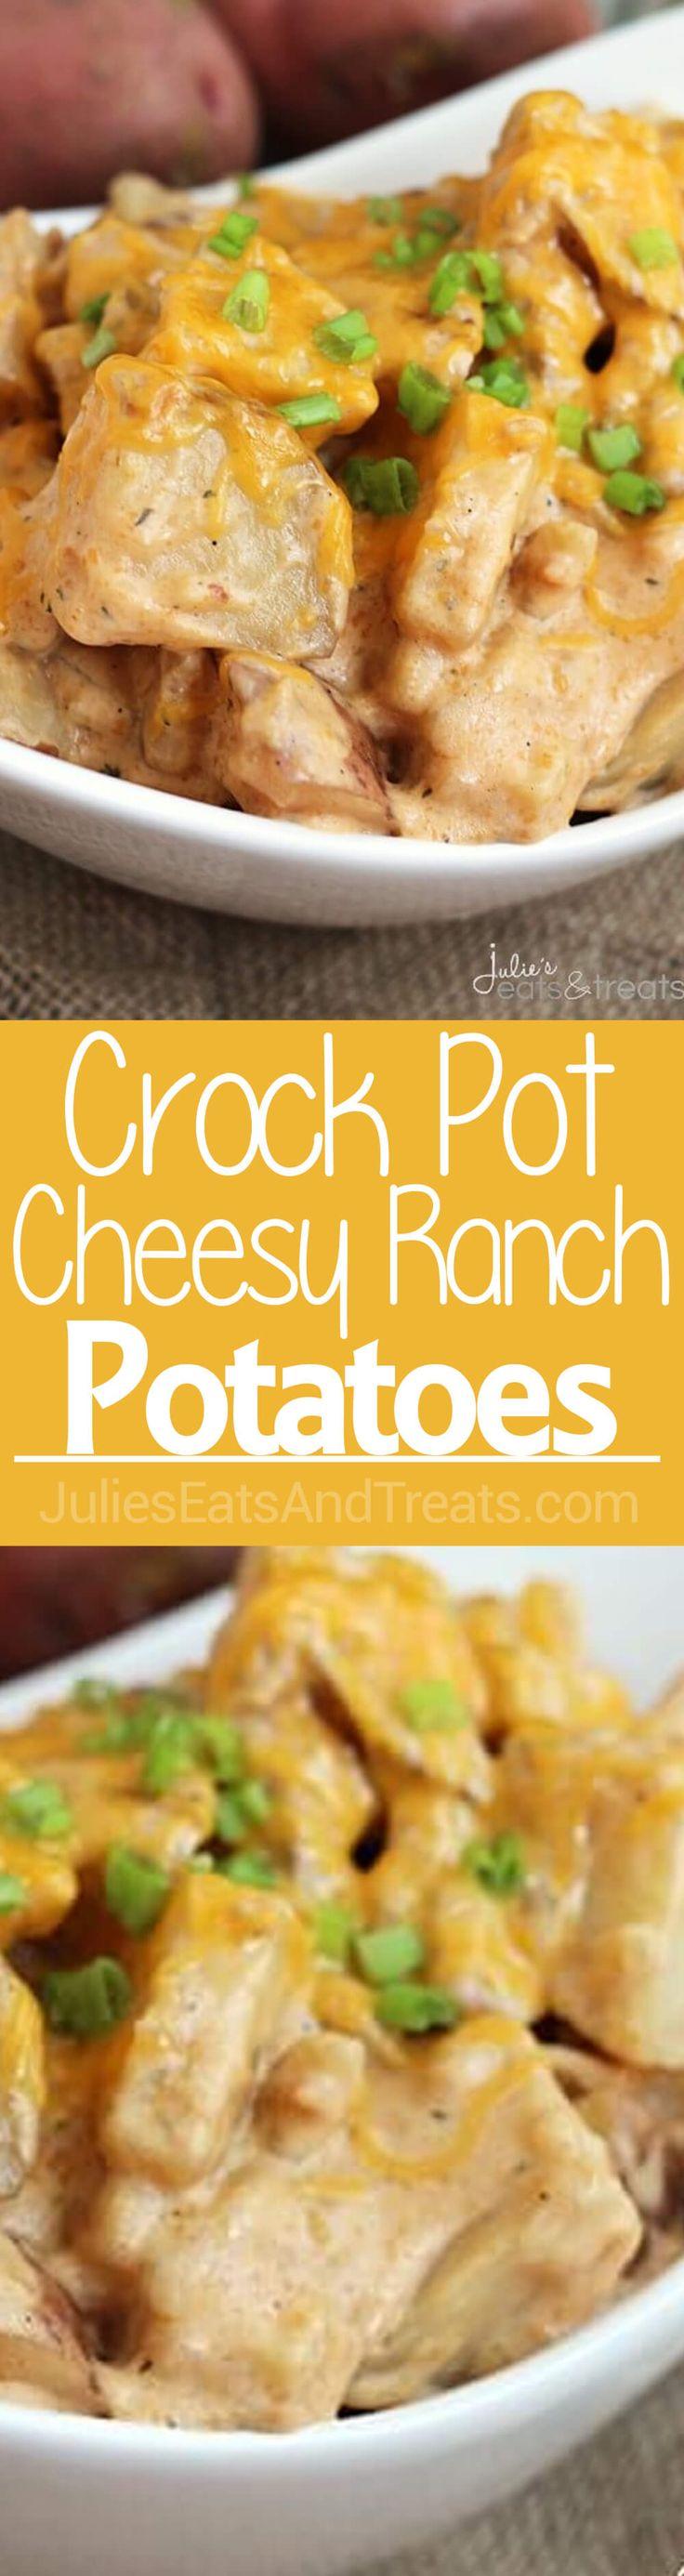 Crock Pot Cheesy Ranch Potatoes ~ Super Easy, Cheesy Crock Pot Potatoes Loaded with Ranch! ~ http://www.julieseatsandtreats.com